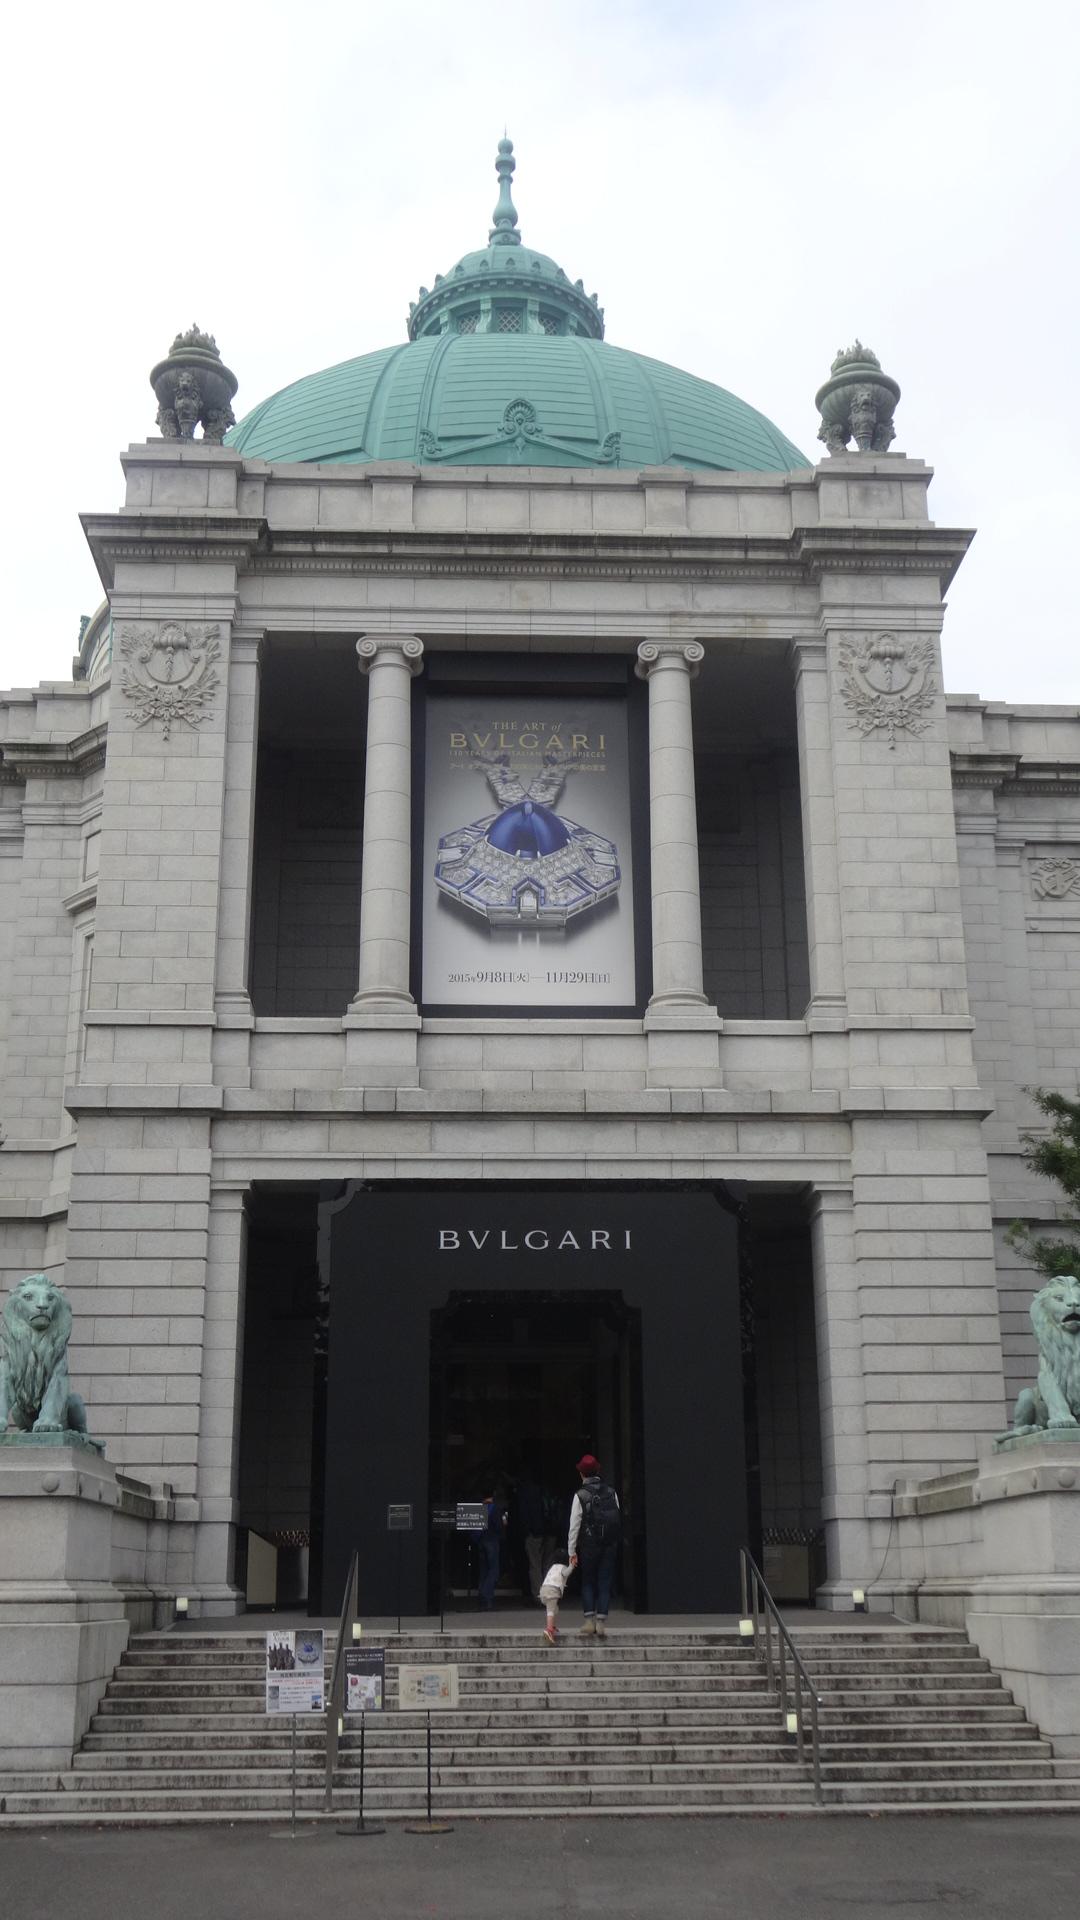 ブルガリ展の垂れ幕がかかった表慶館